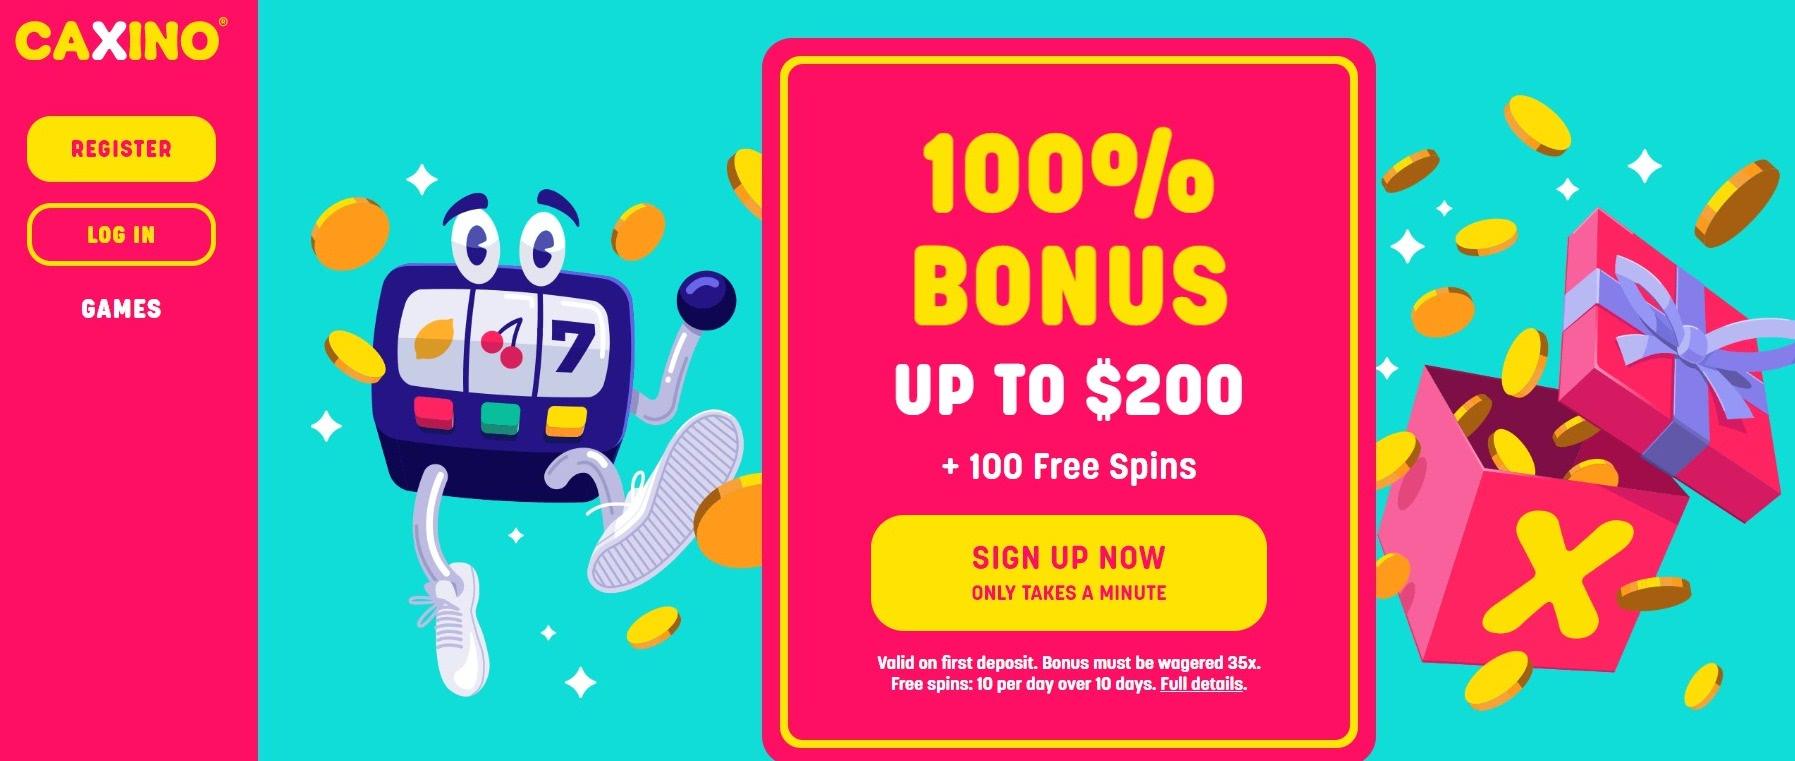 Caxino Casino Bonus